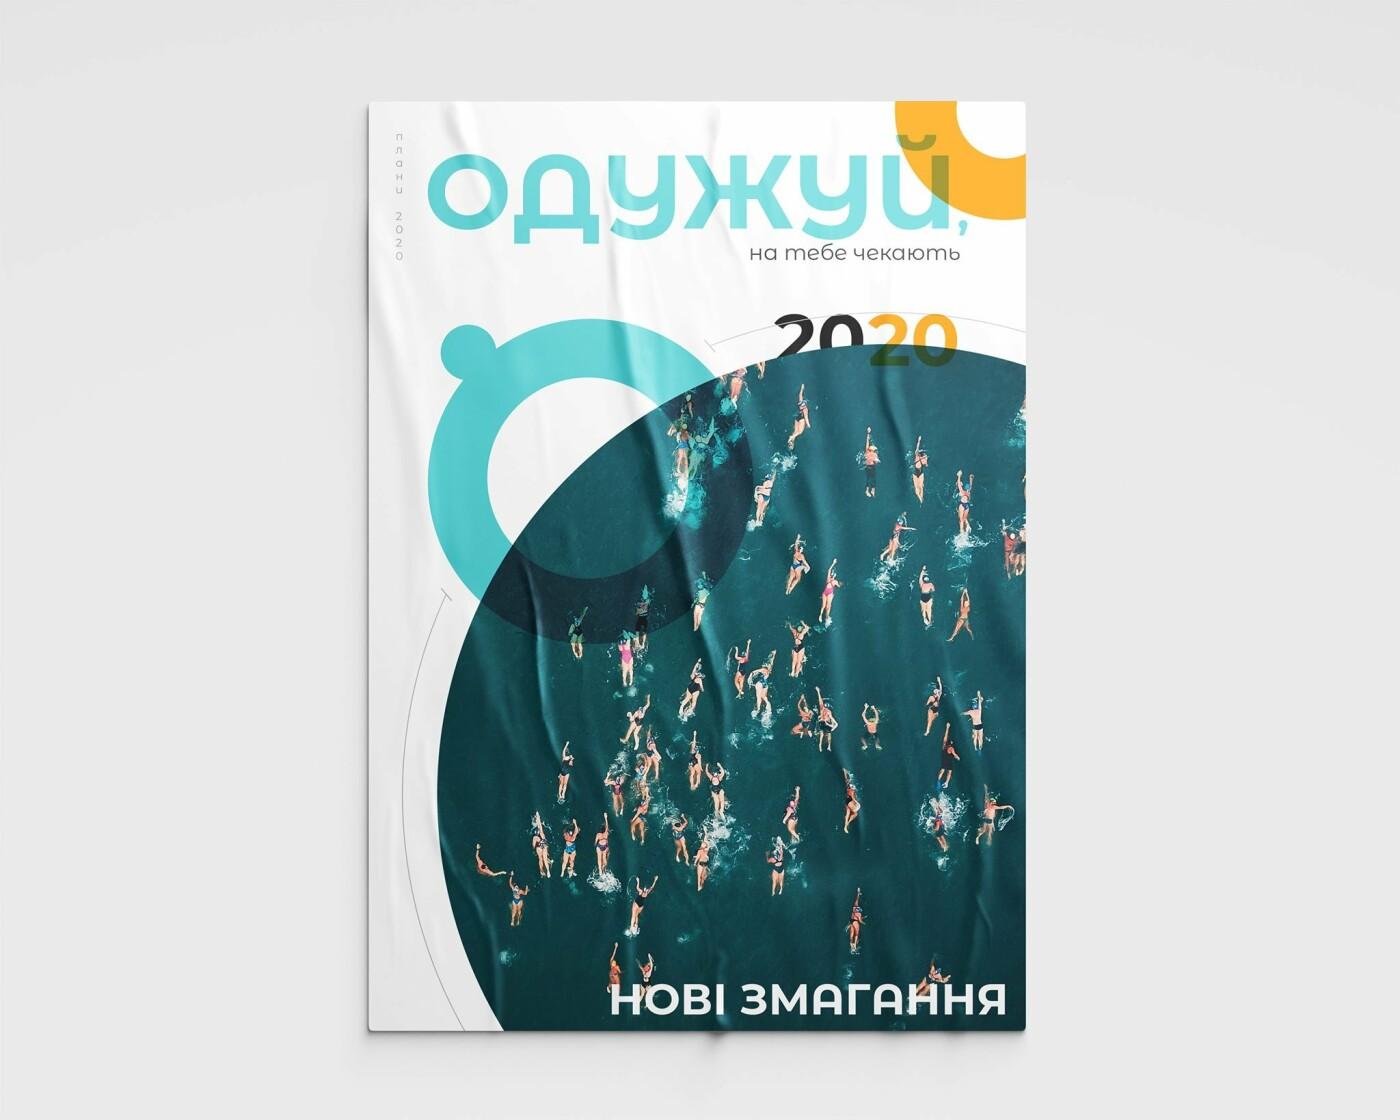 Сумський дизайнер створив серію мотивуючих постерів, щоб підтримати хворих на коронавірус, фото-3